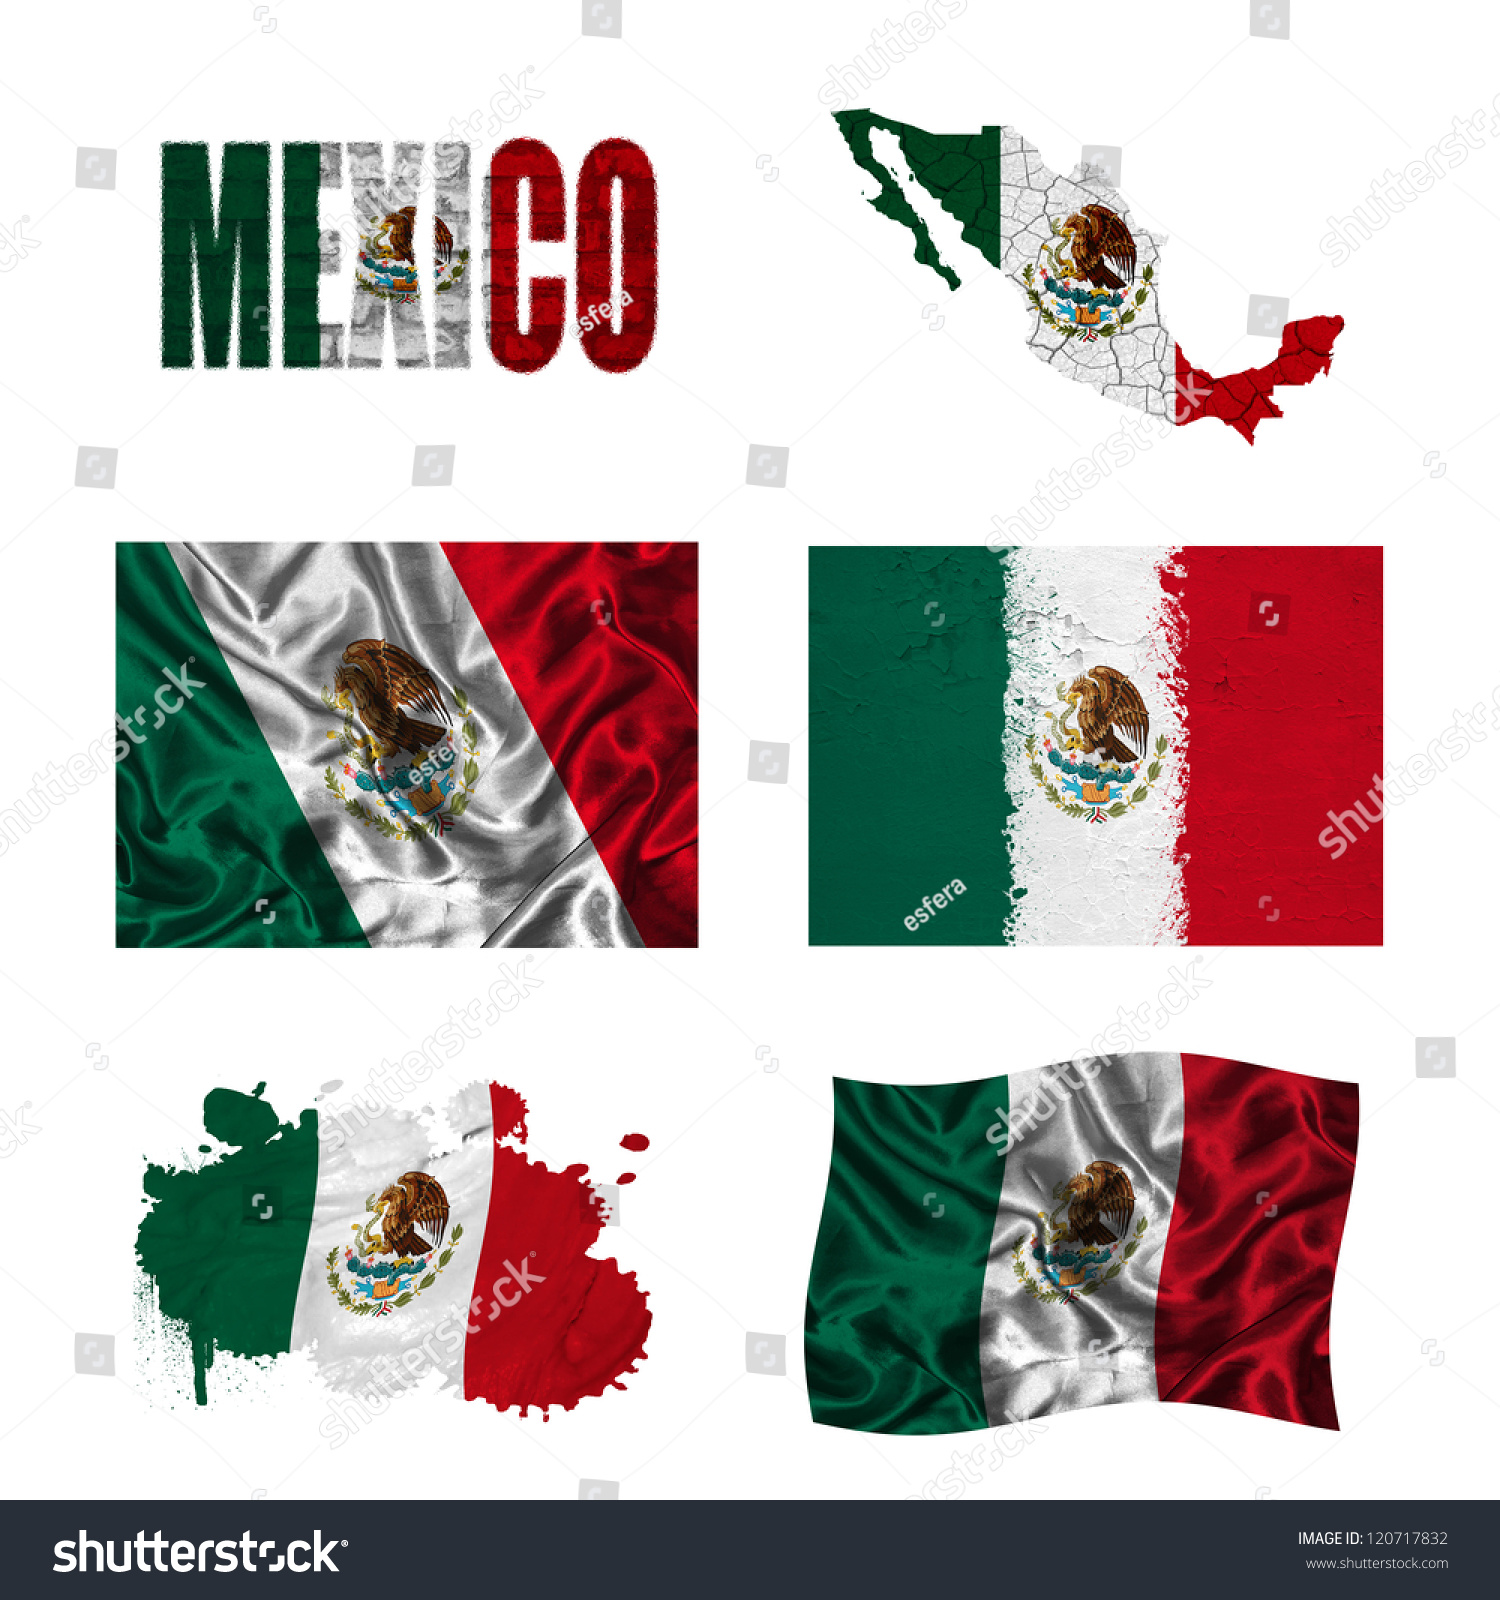 墨西哥国旗和地图在不同风格不同的纹理-符号/标志-()